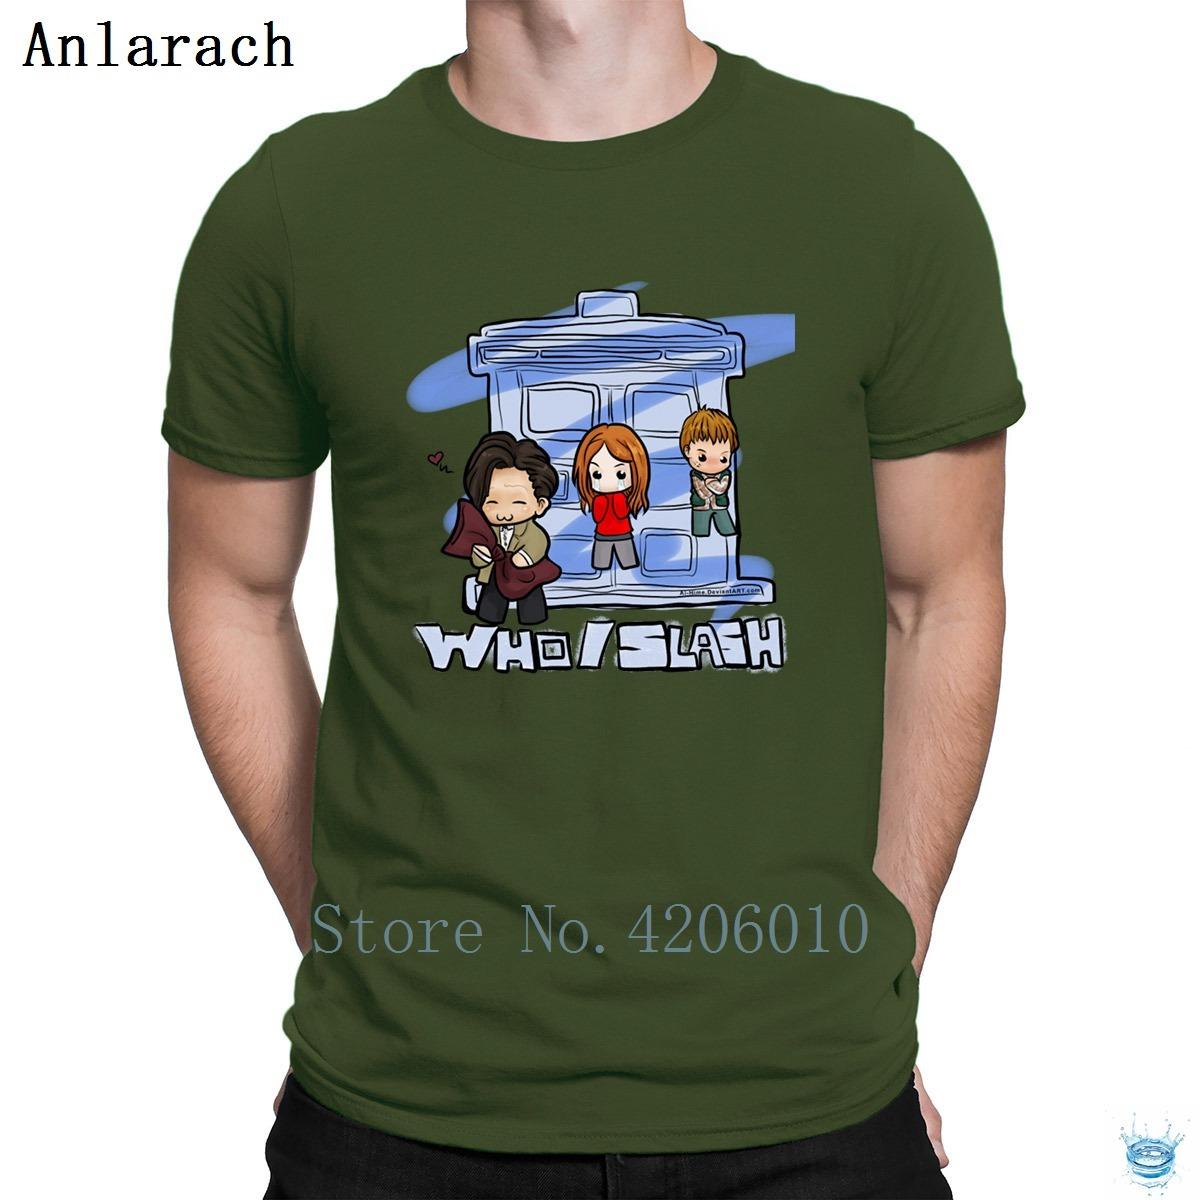 Slash Kurgu T-Shirt Sıcak Satış Özelleştirmek 2018 Kawaii erkek Tshirt Daha Iyi Giyim Anlarach Eğlenceli